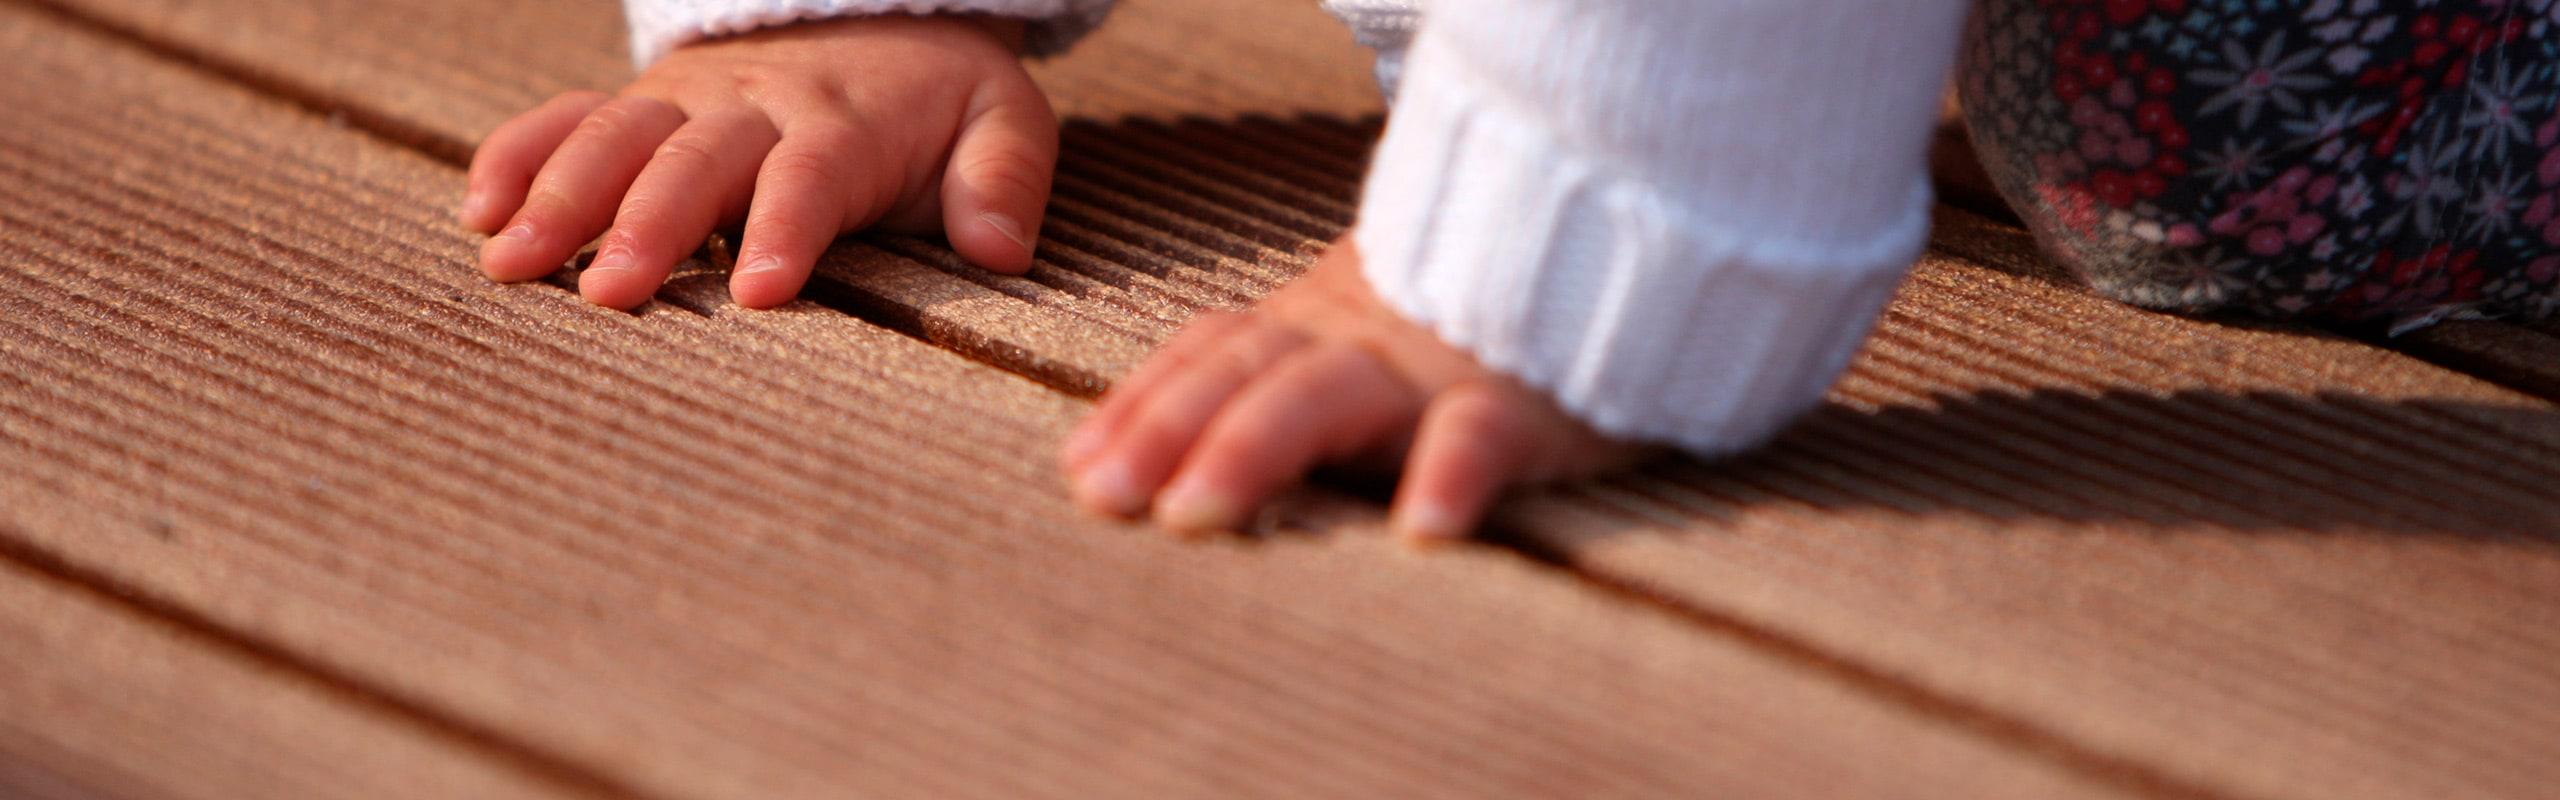 Baby Hände auf Holzfussboden von Holz Heck